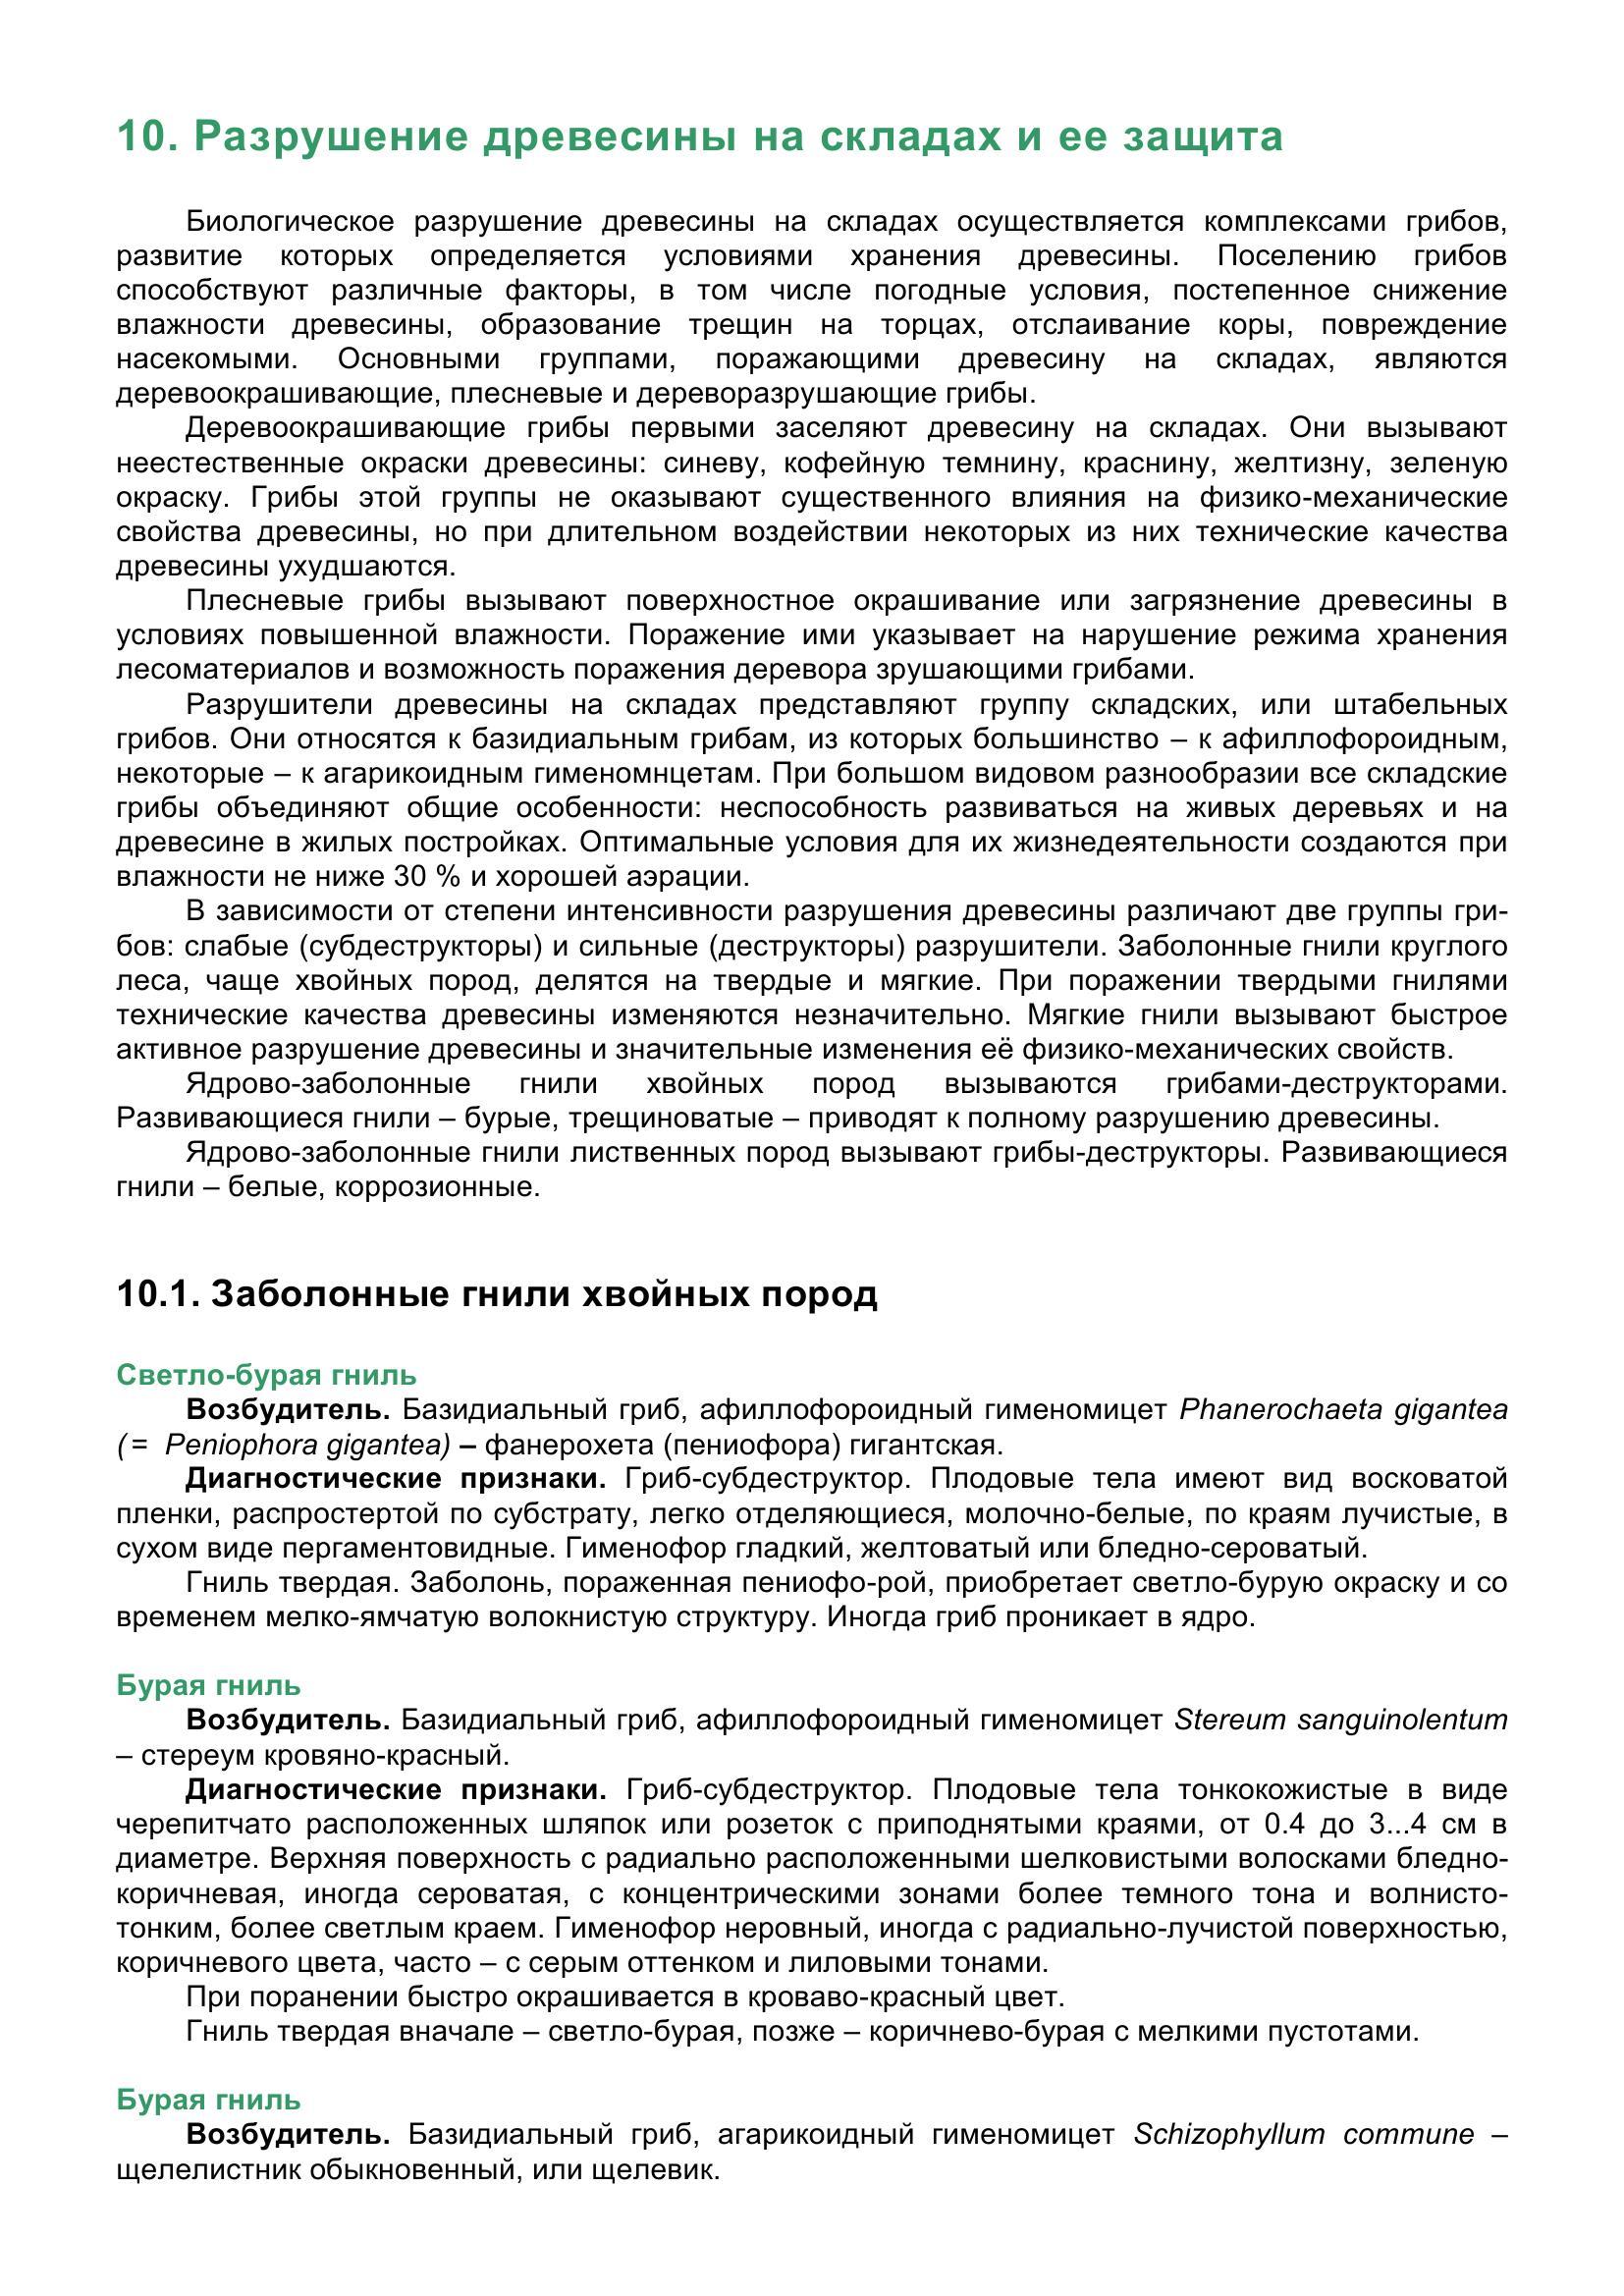 Болезни_древесных_растений_109.jpg